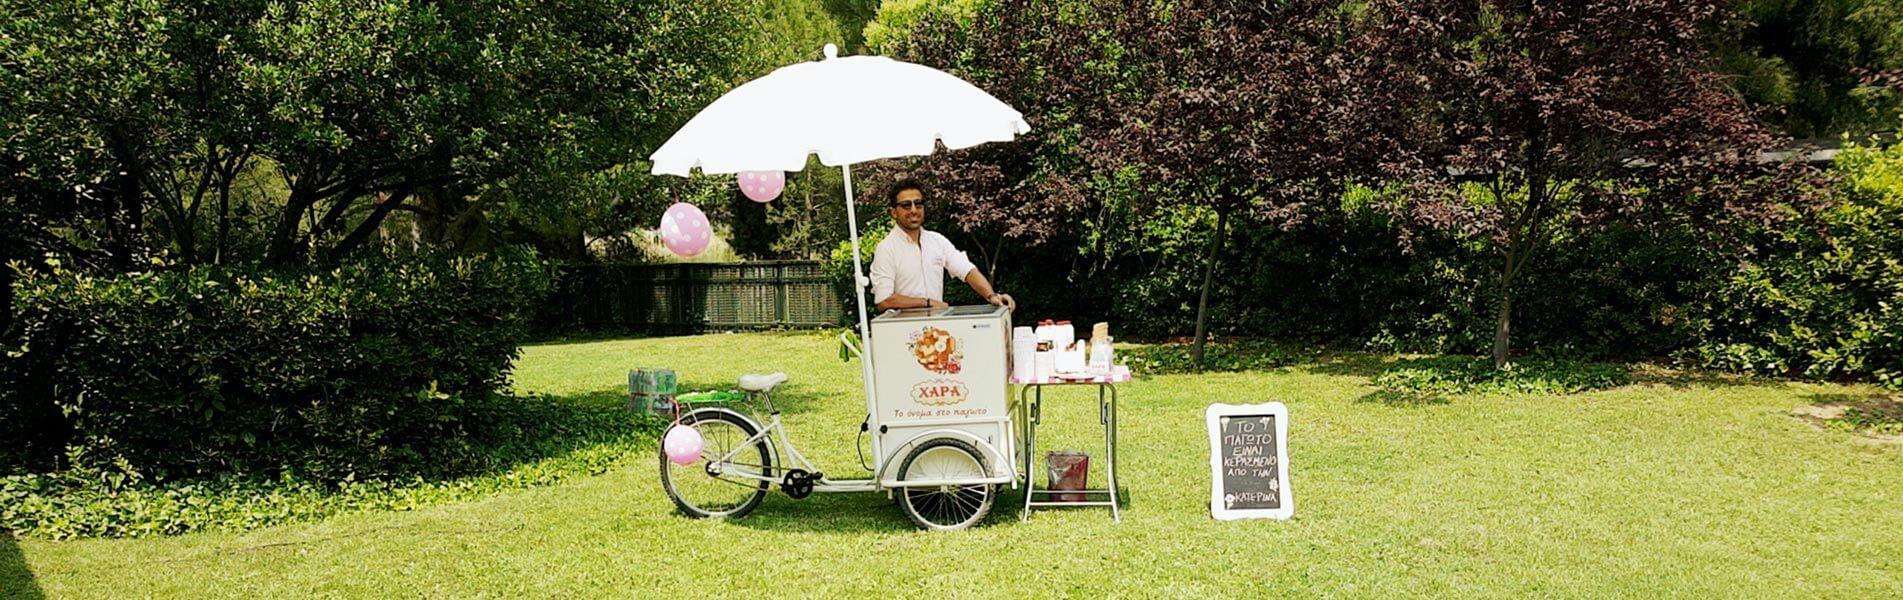 Ποδήλατο Παγωτού - Ζαχαροπλαστείο Χαρά